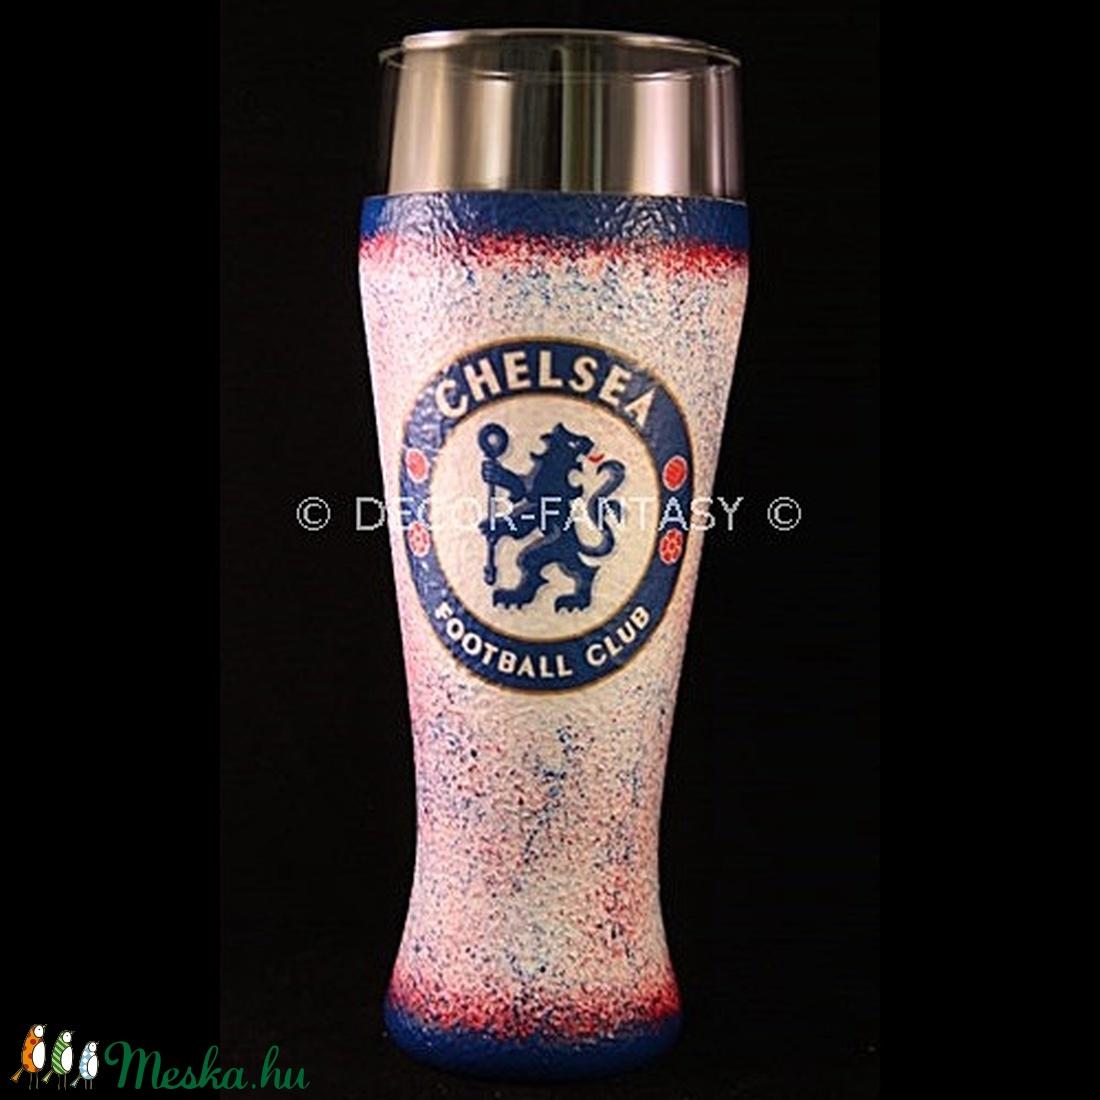 Chelsea FC emblémával díszített sörös pohár ( 0,5 l )  (decorfantasy) - Meska.hu